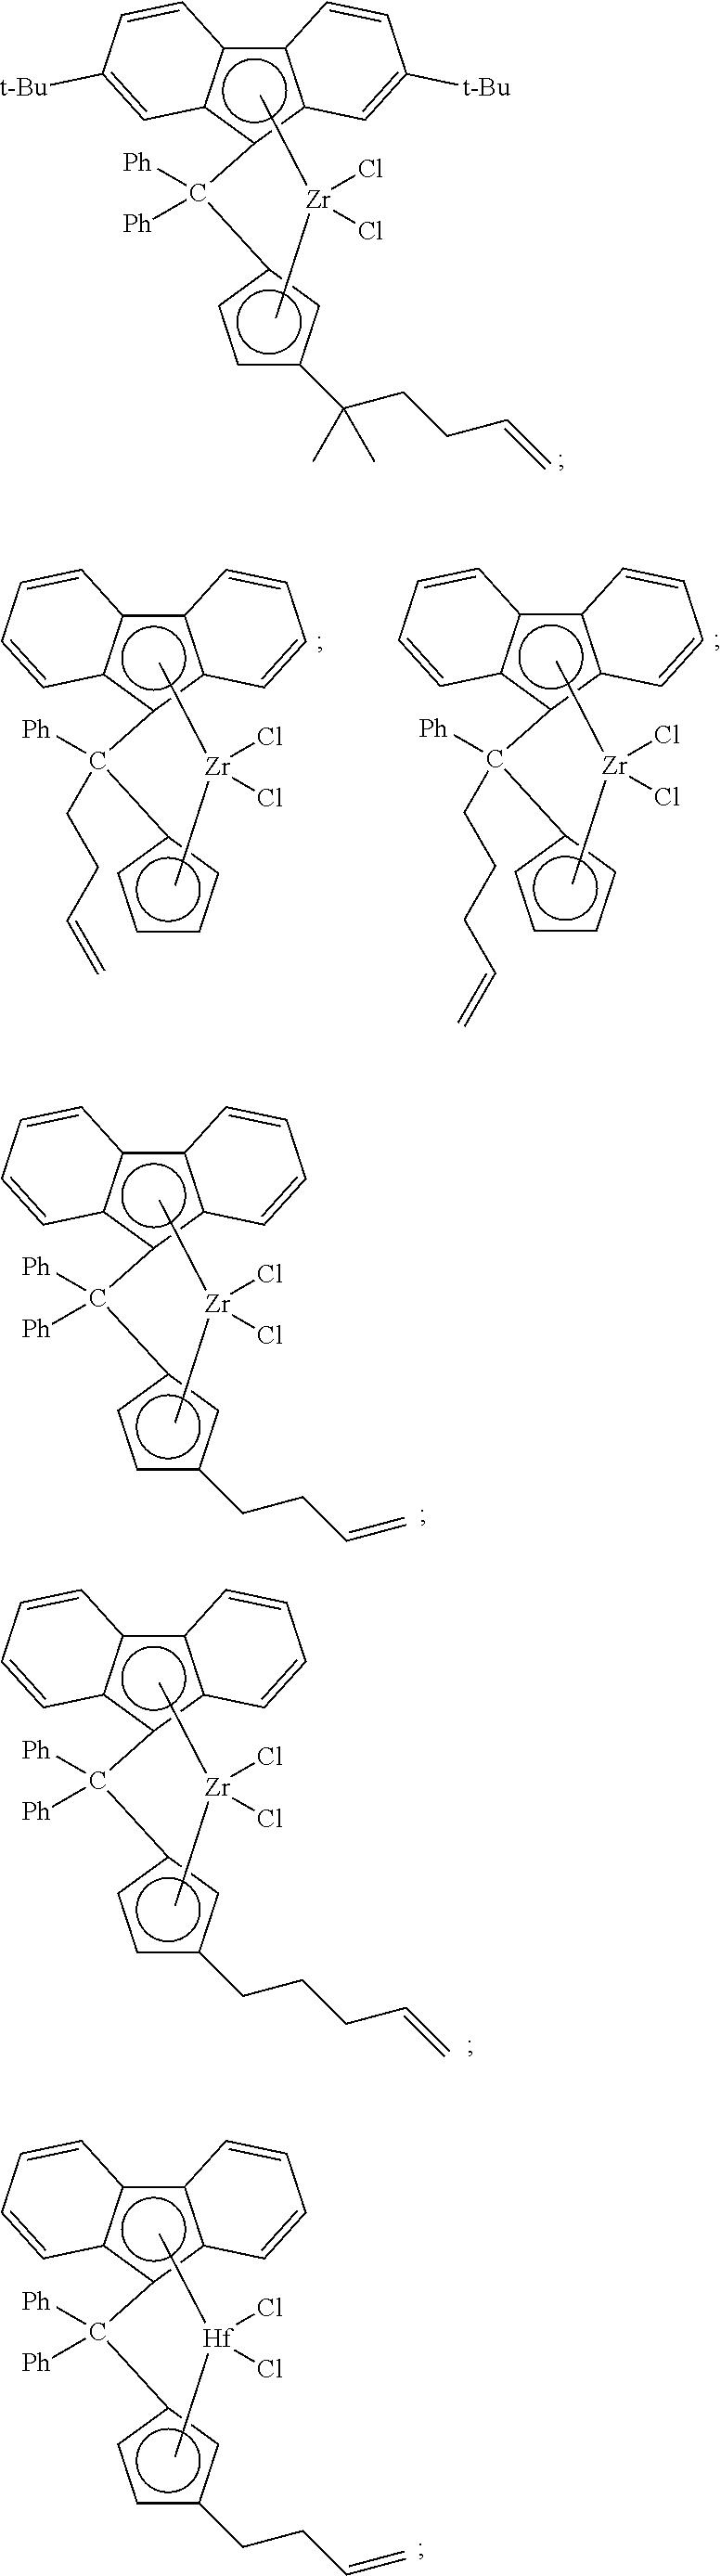 Figure US08501654-20130806-C00004